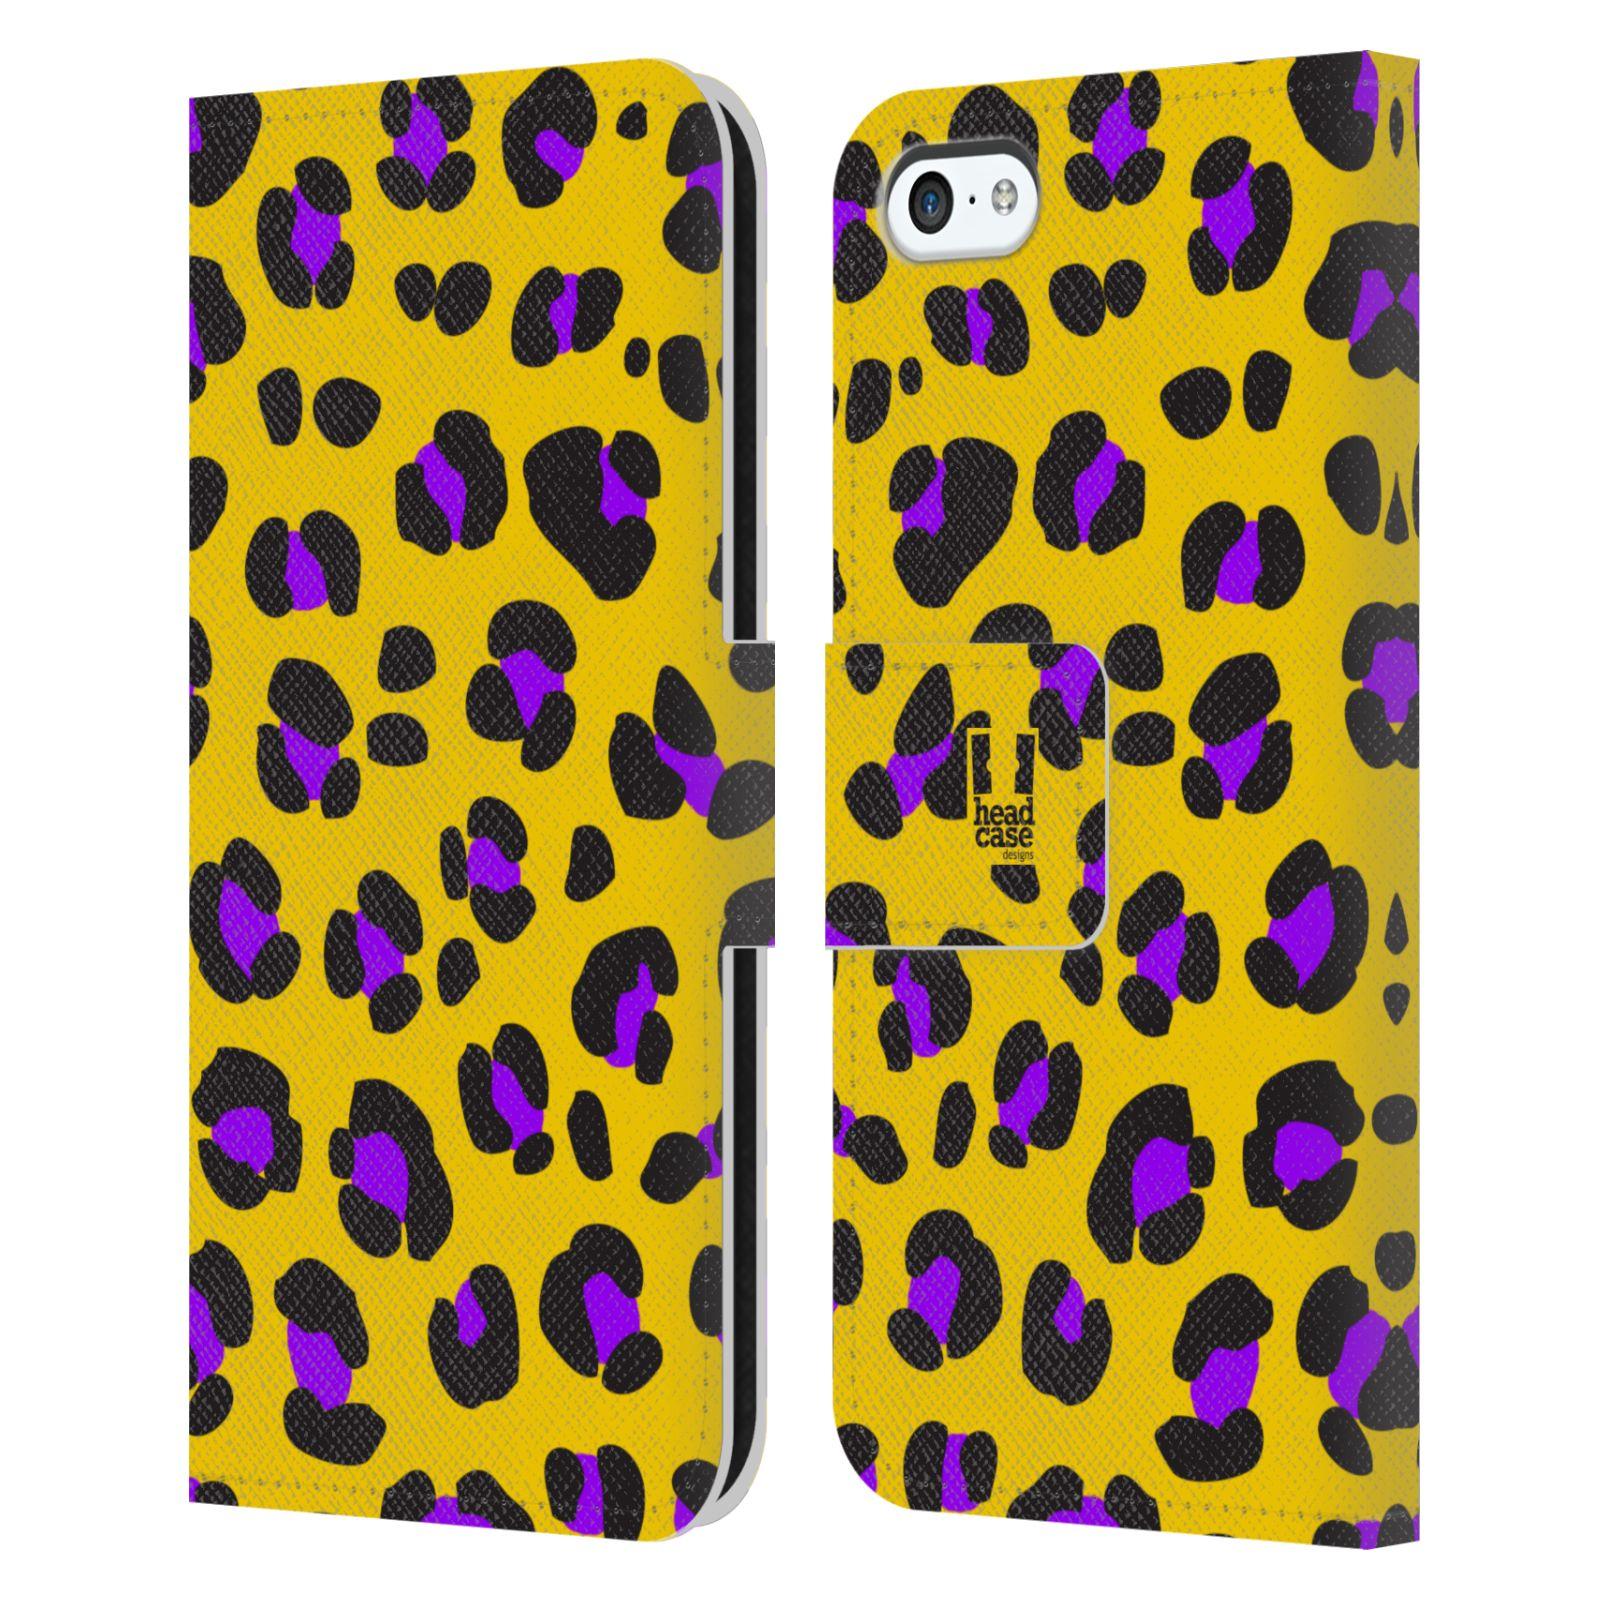 HEAD CASE Flipové pouzdro pro mobil Apple Iphone 5C Zvířecí barevné vzory žlutý leopard fialové skvrny